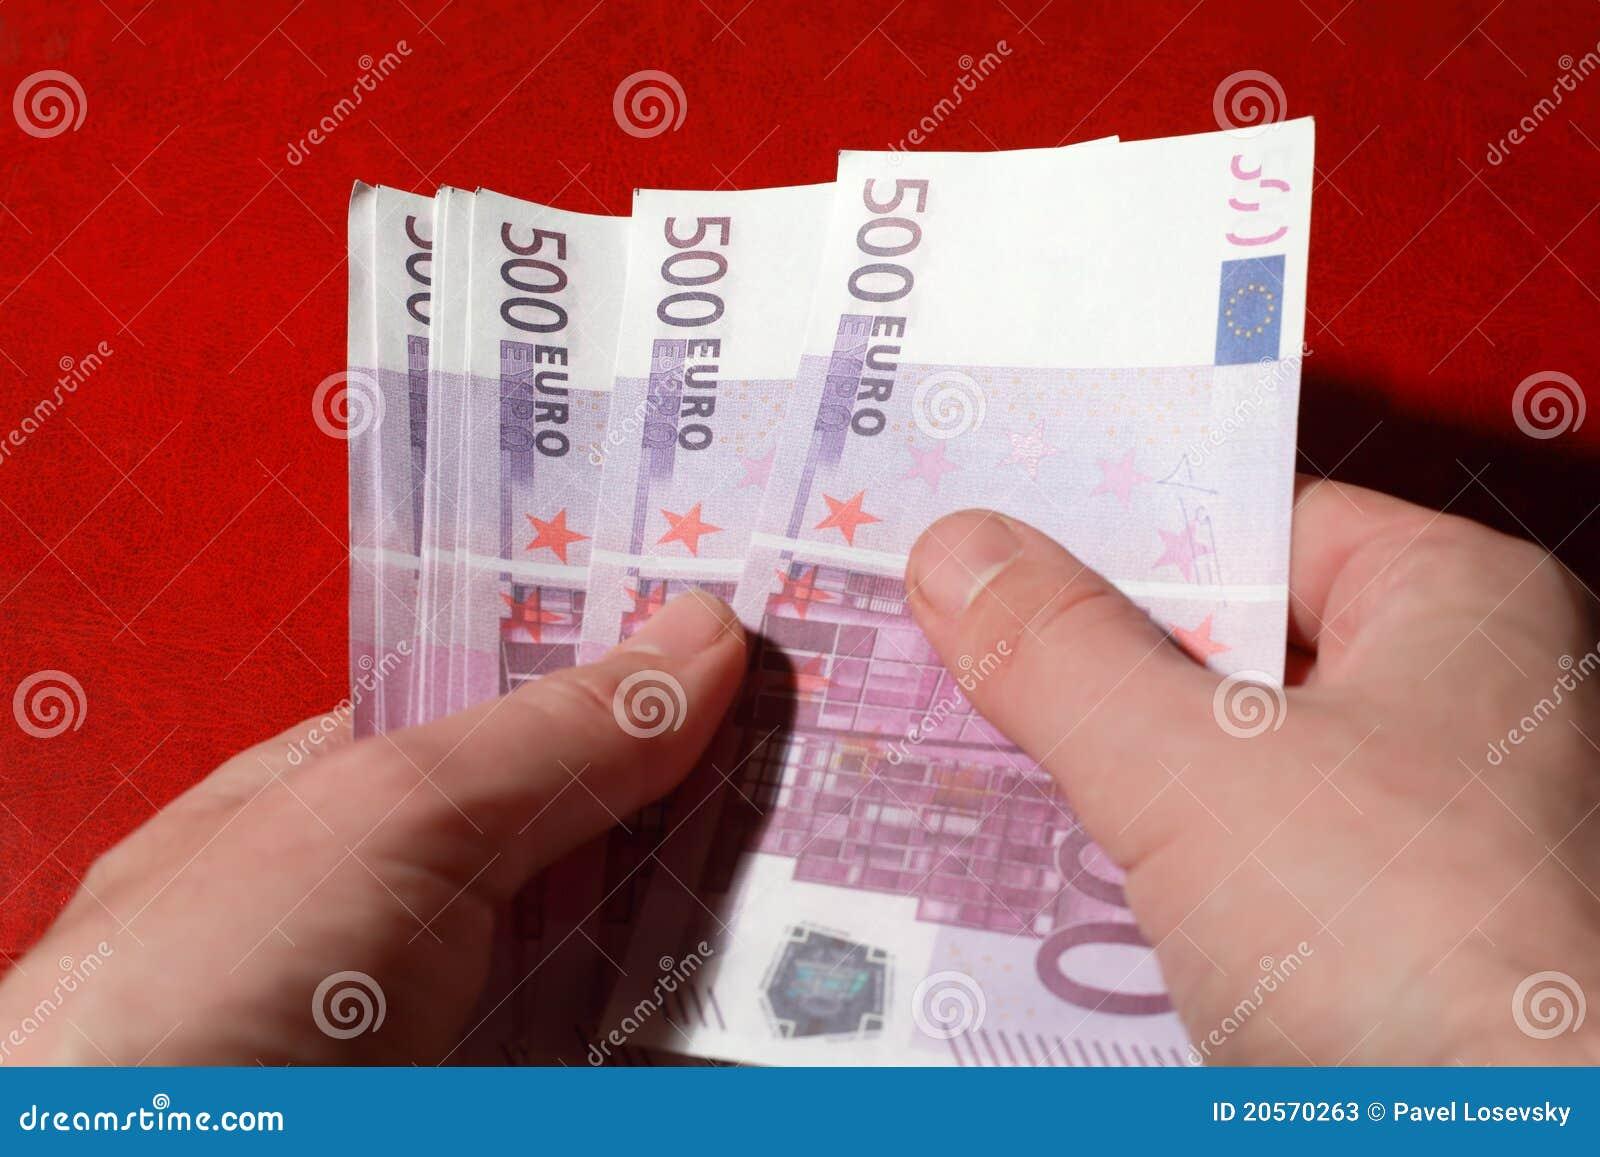 on paquet de 500 euro billets de banque dans des mains de l 39 homme photos stock image 20570263. Black Bedroom Furniture Sets. Home Design Ideas